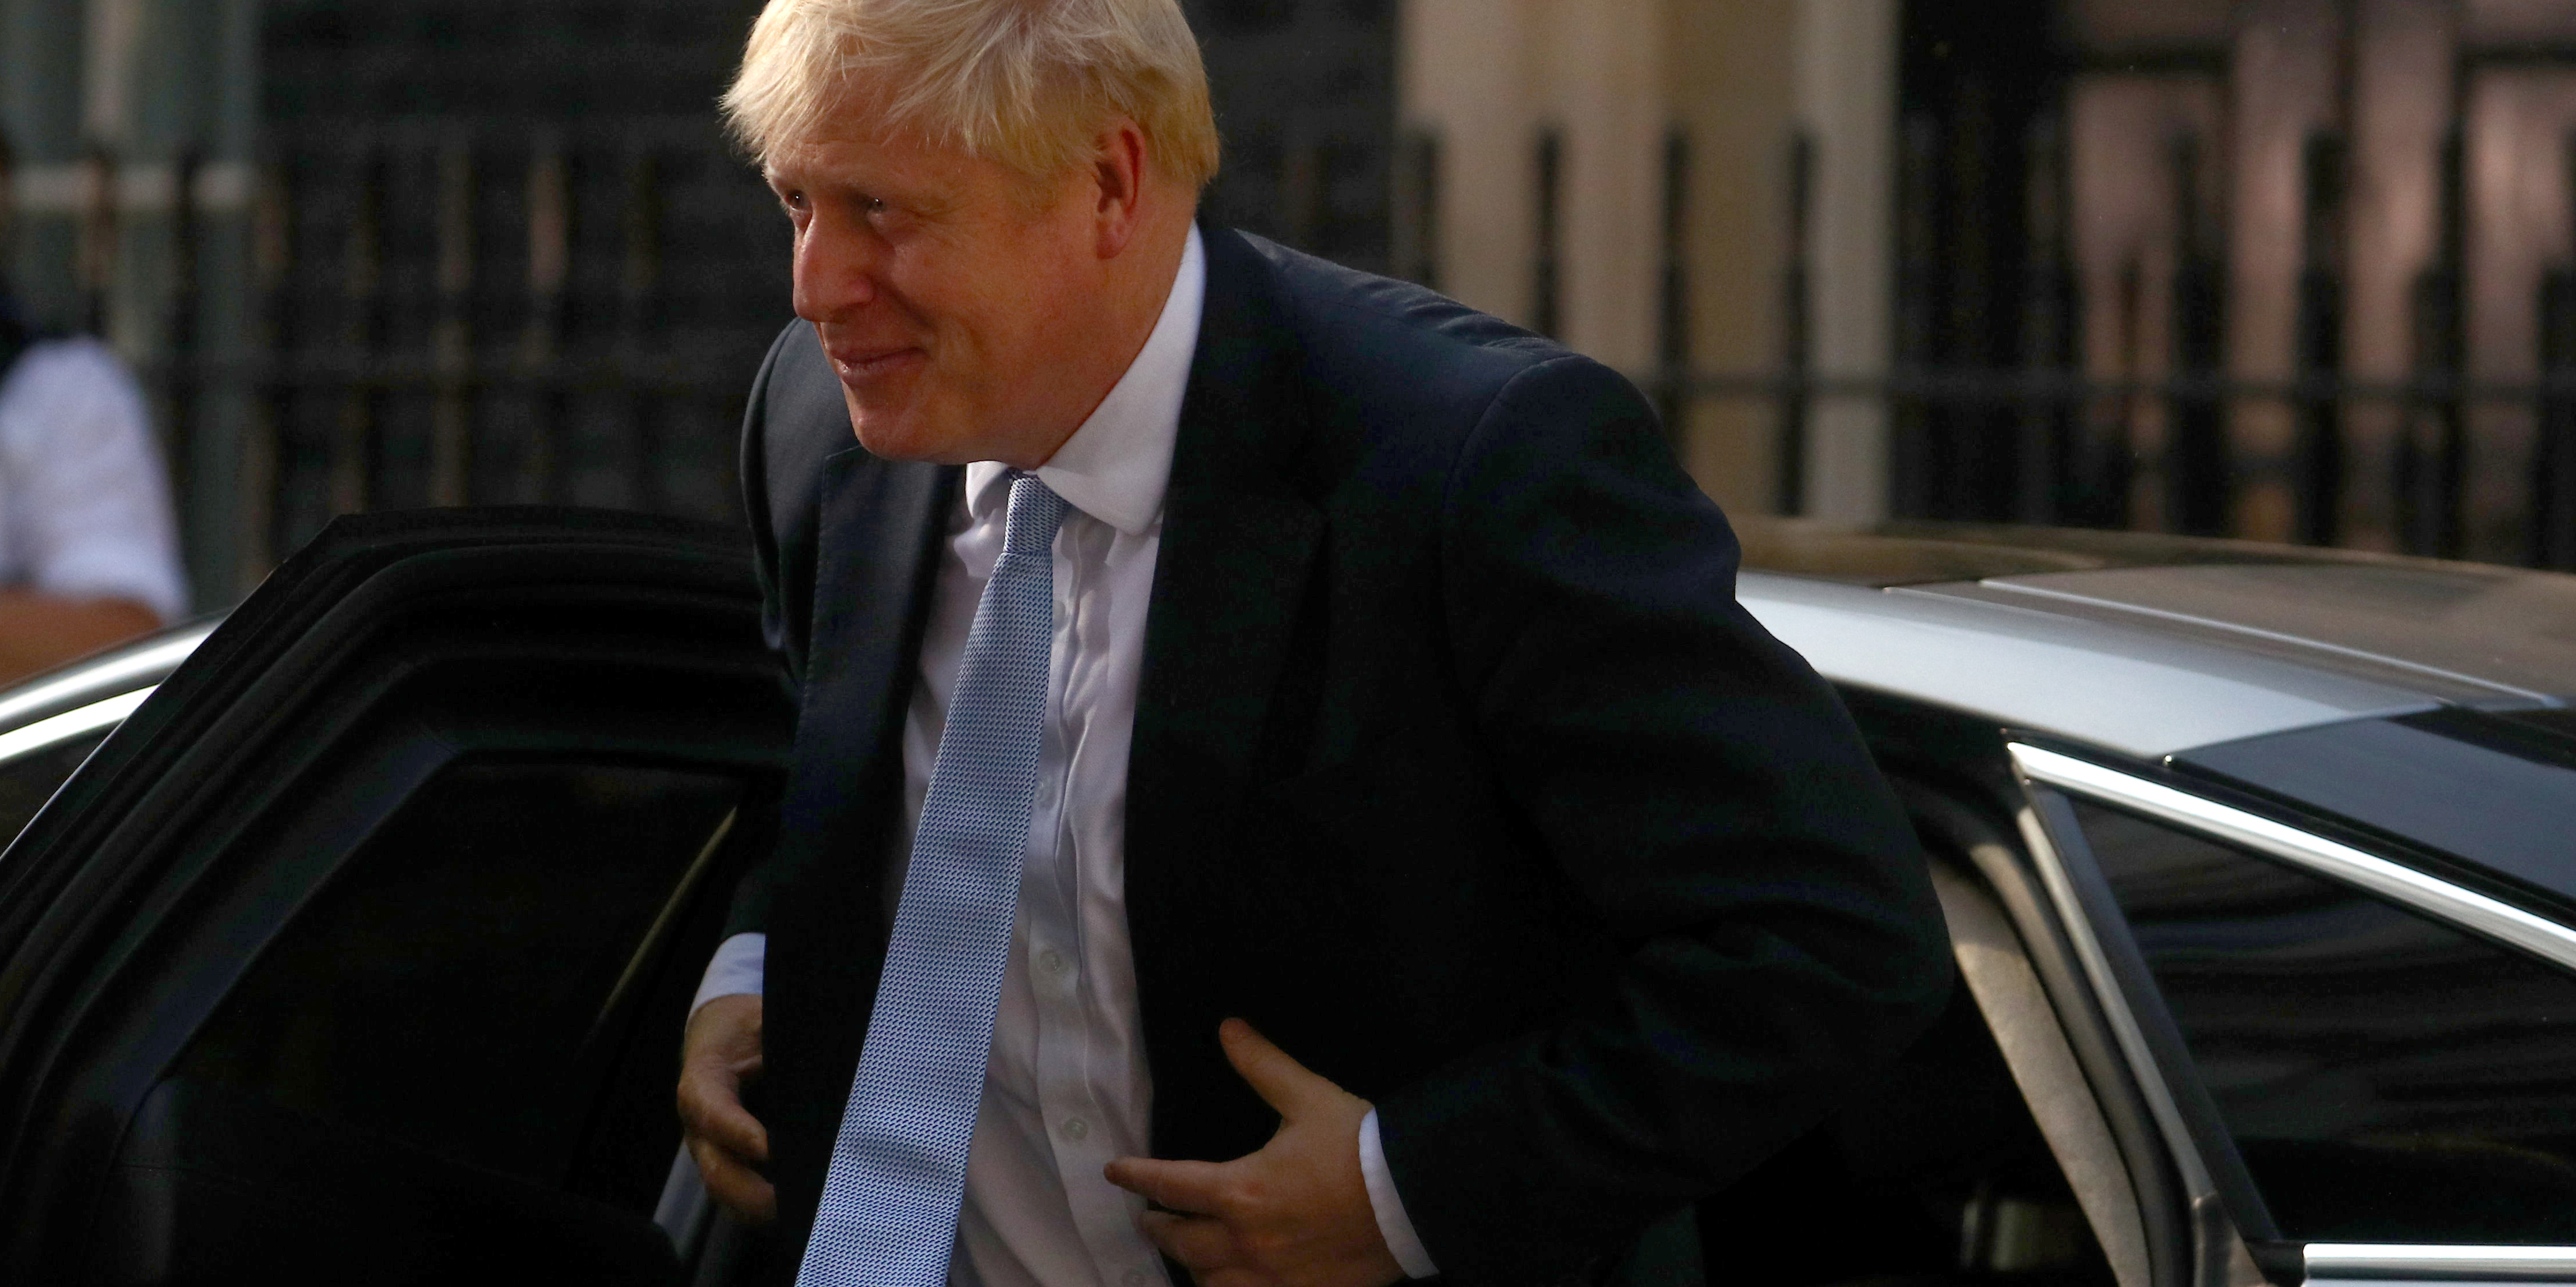 Boris Johnson rend visite à Macron, l'accueil risque d'être frais